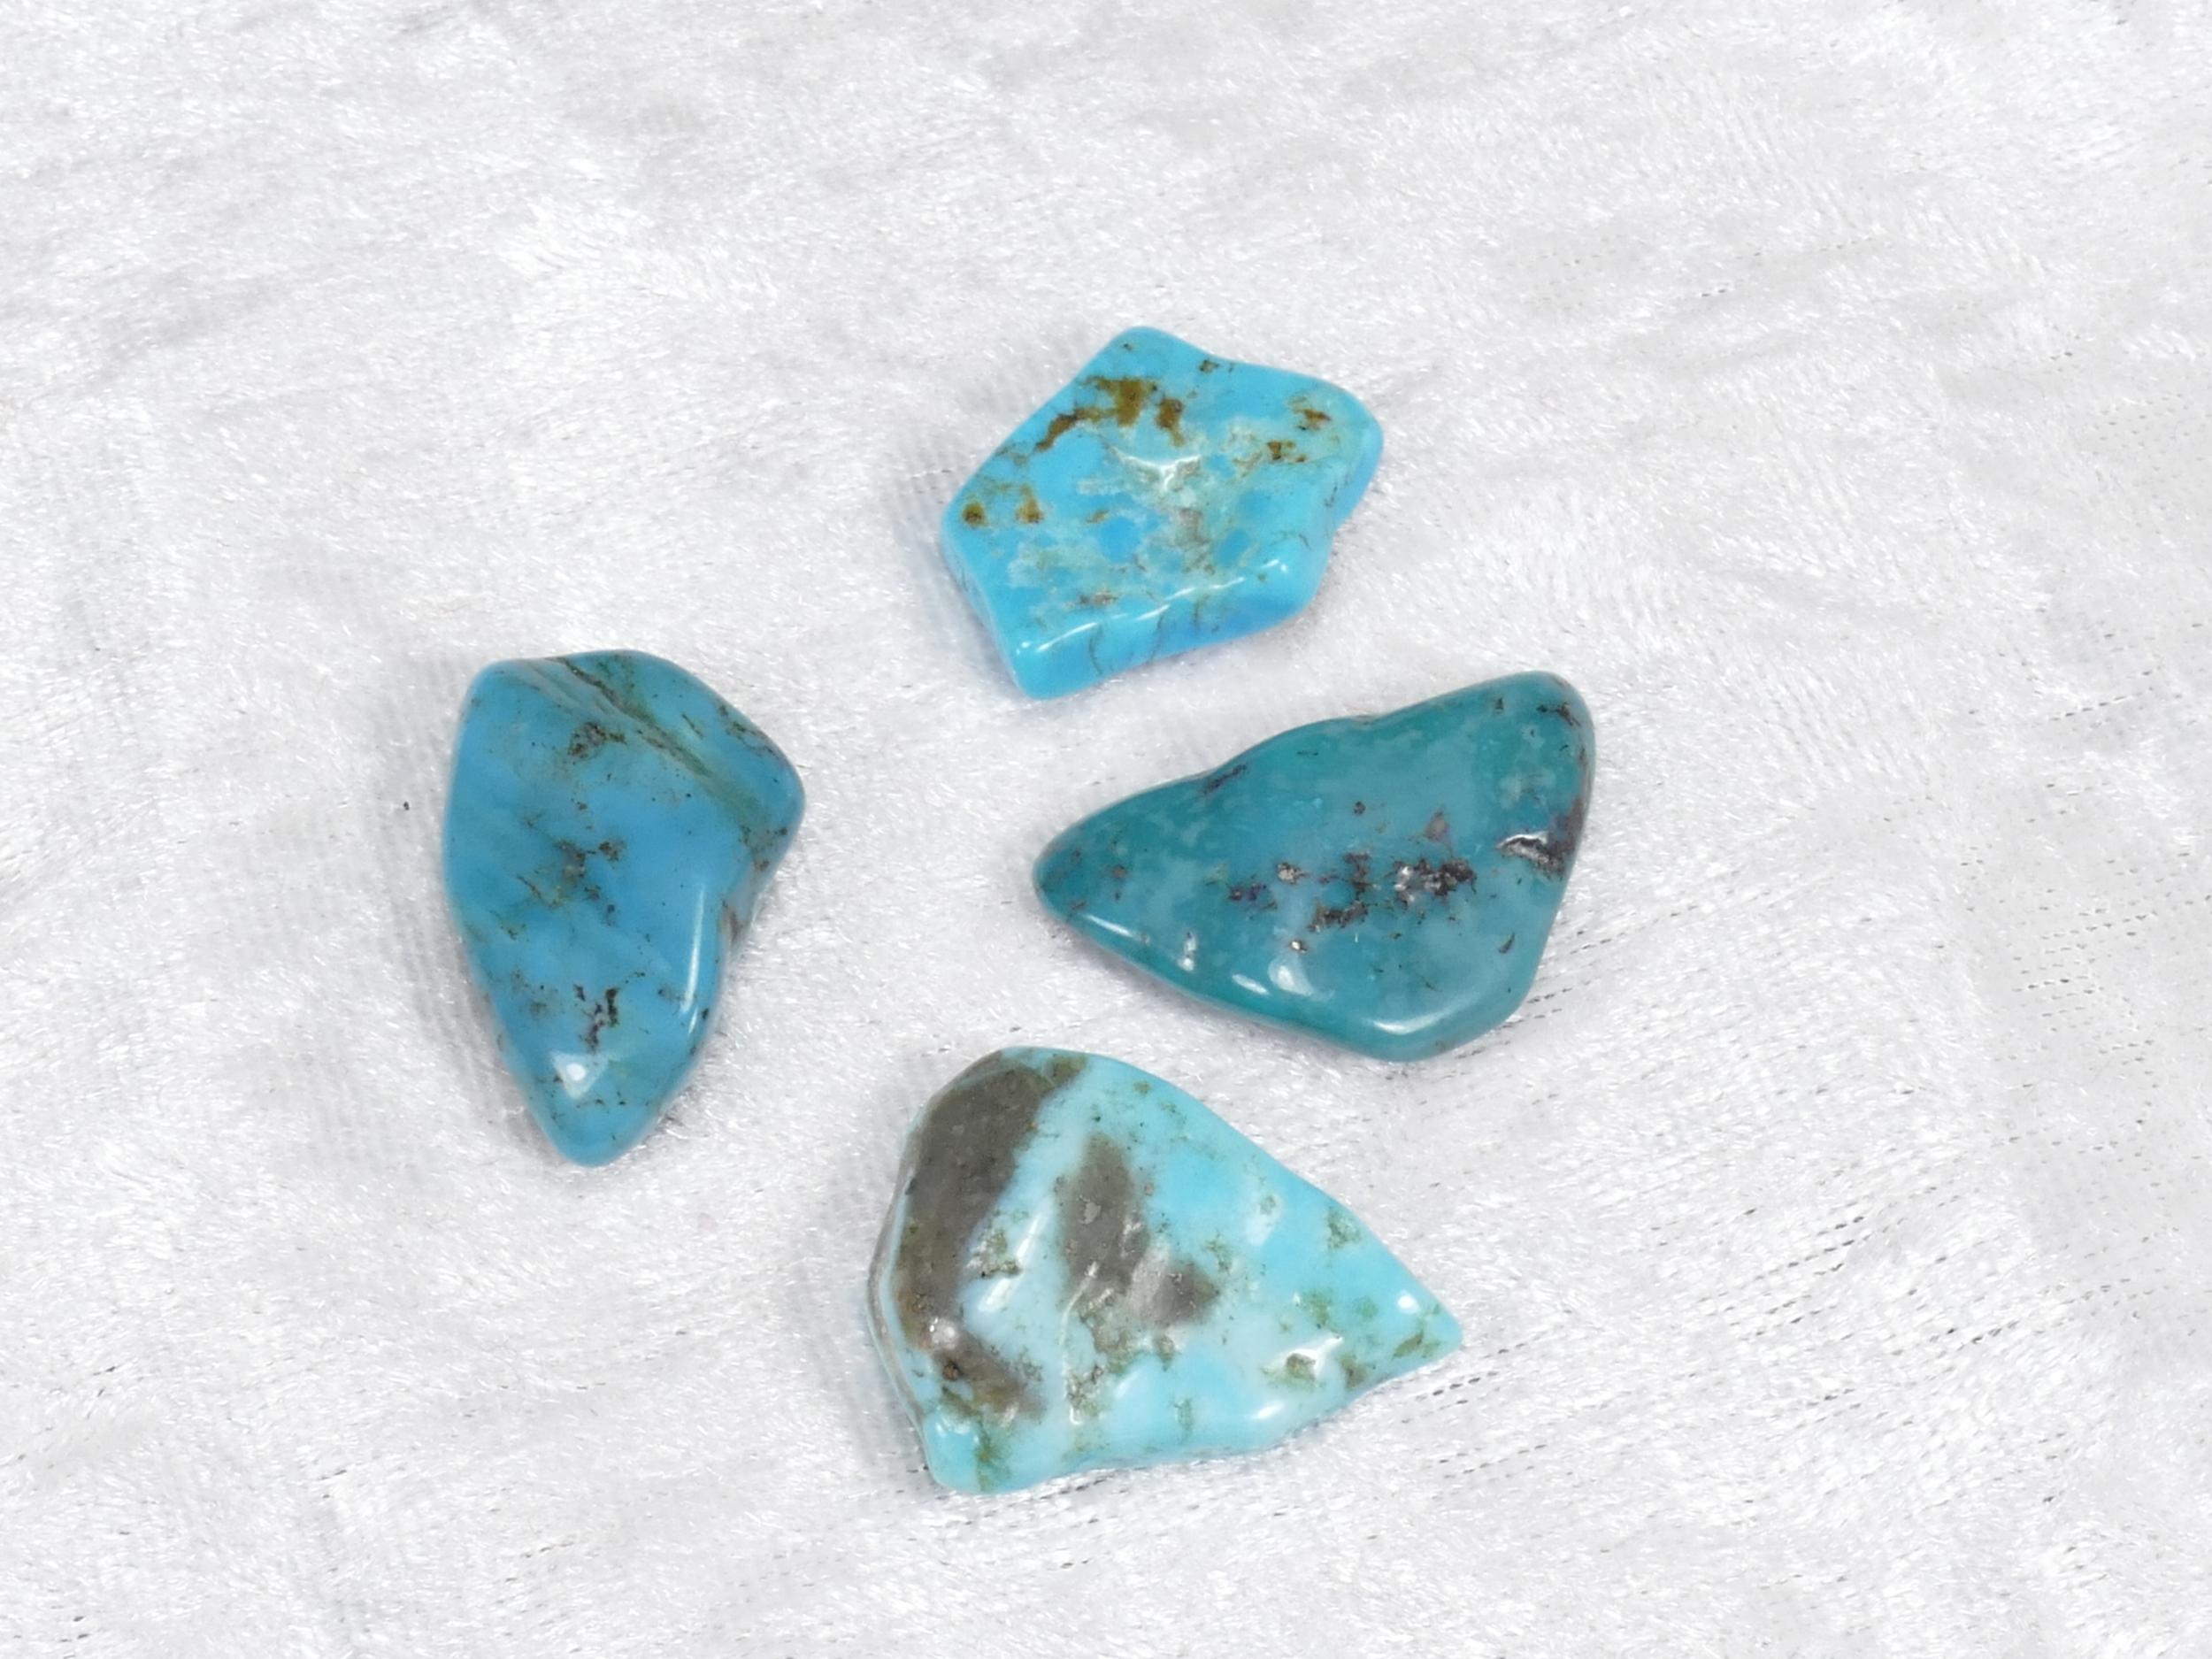 20-24mm 4 Turquoise naturelle en morceau roulé avec matrice 10.41g (#PM356)